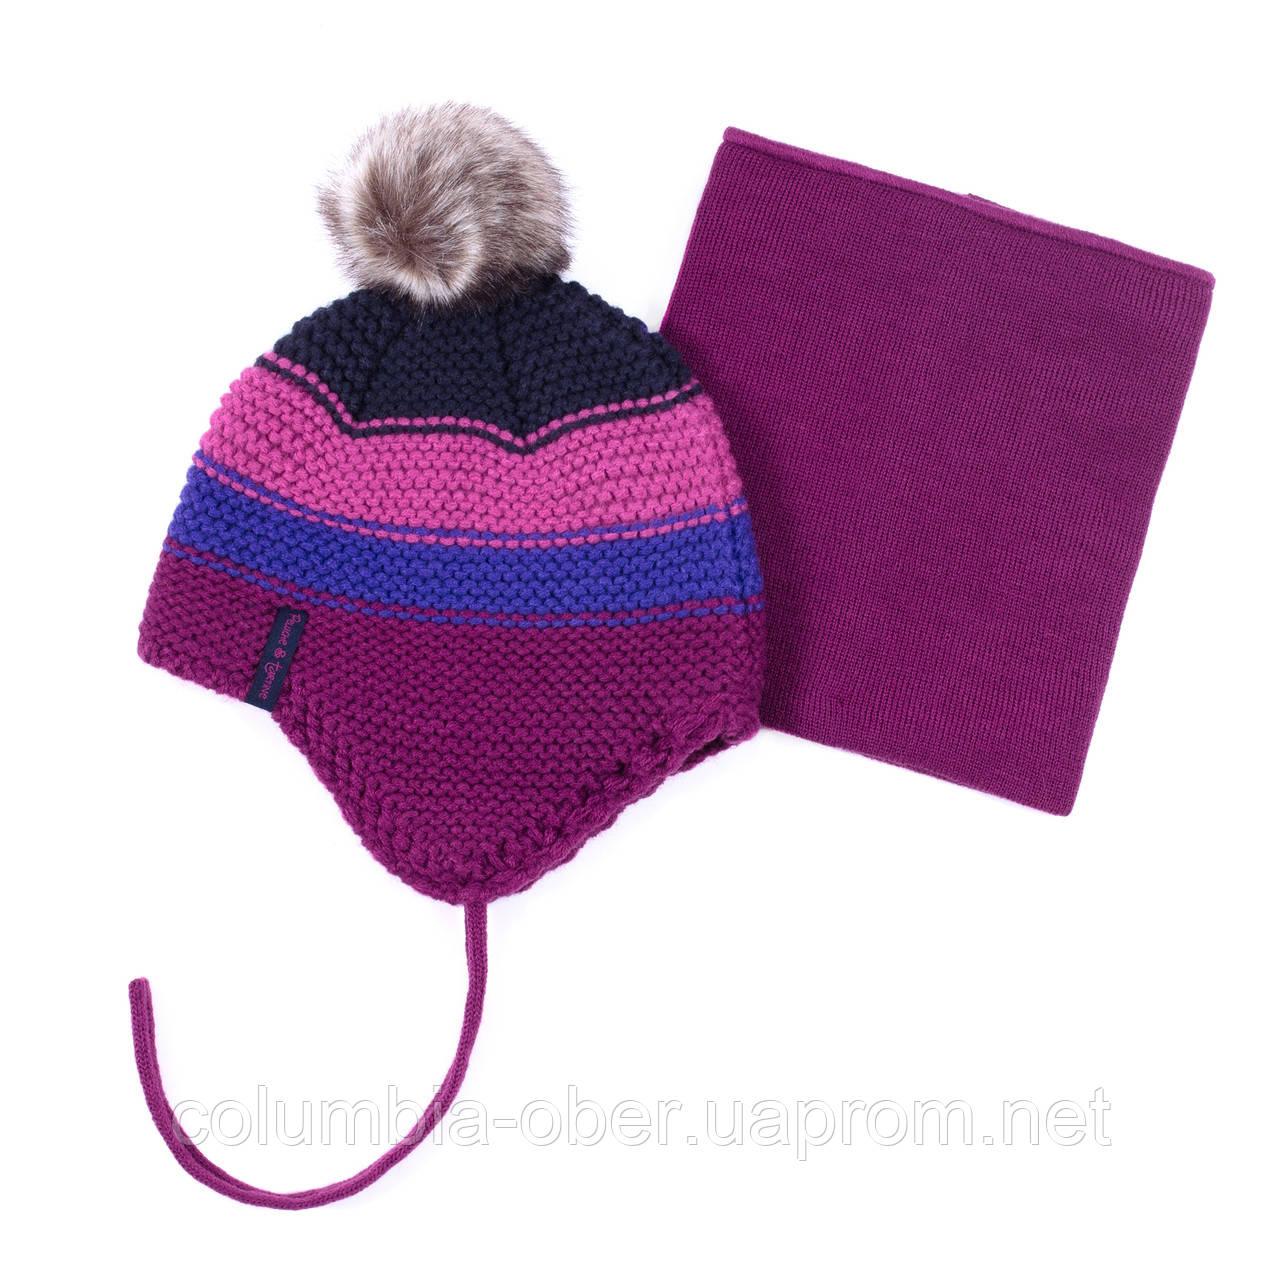 Зимняя шапка+манишка для девочки PELUCHE F19ACC54EF Byzantine. Размеры 3/5 и 6/8 лет .